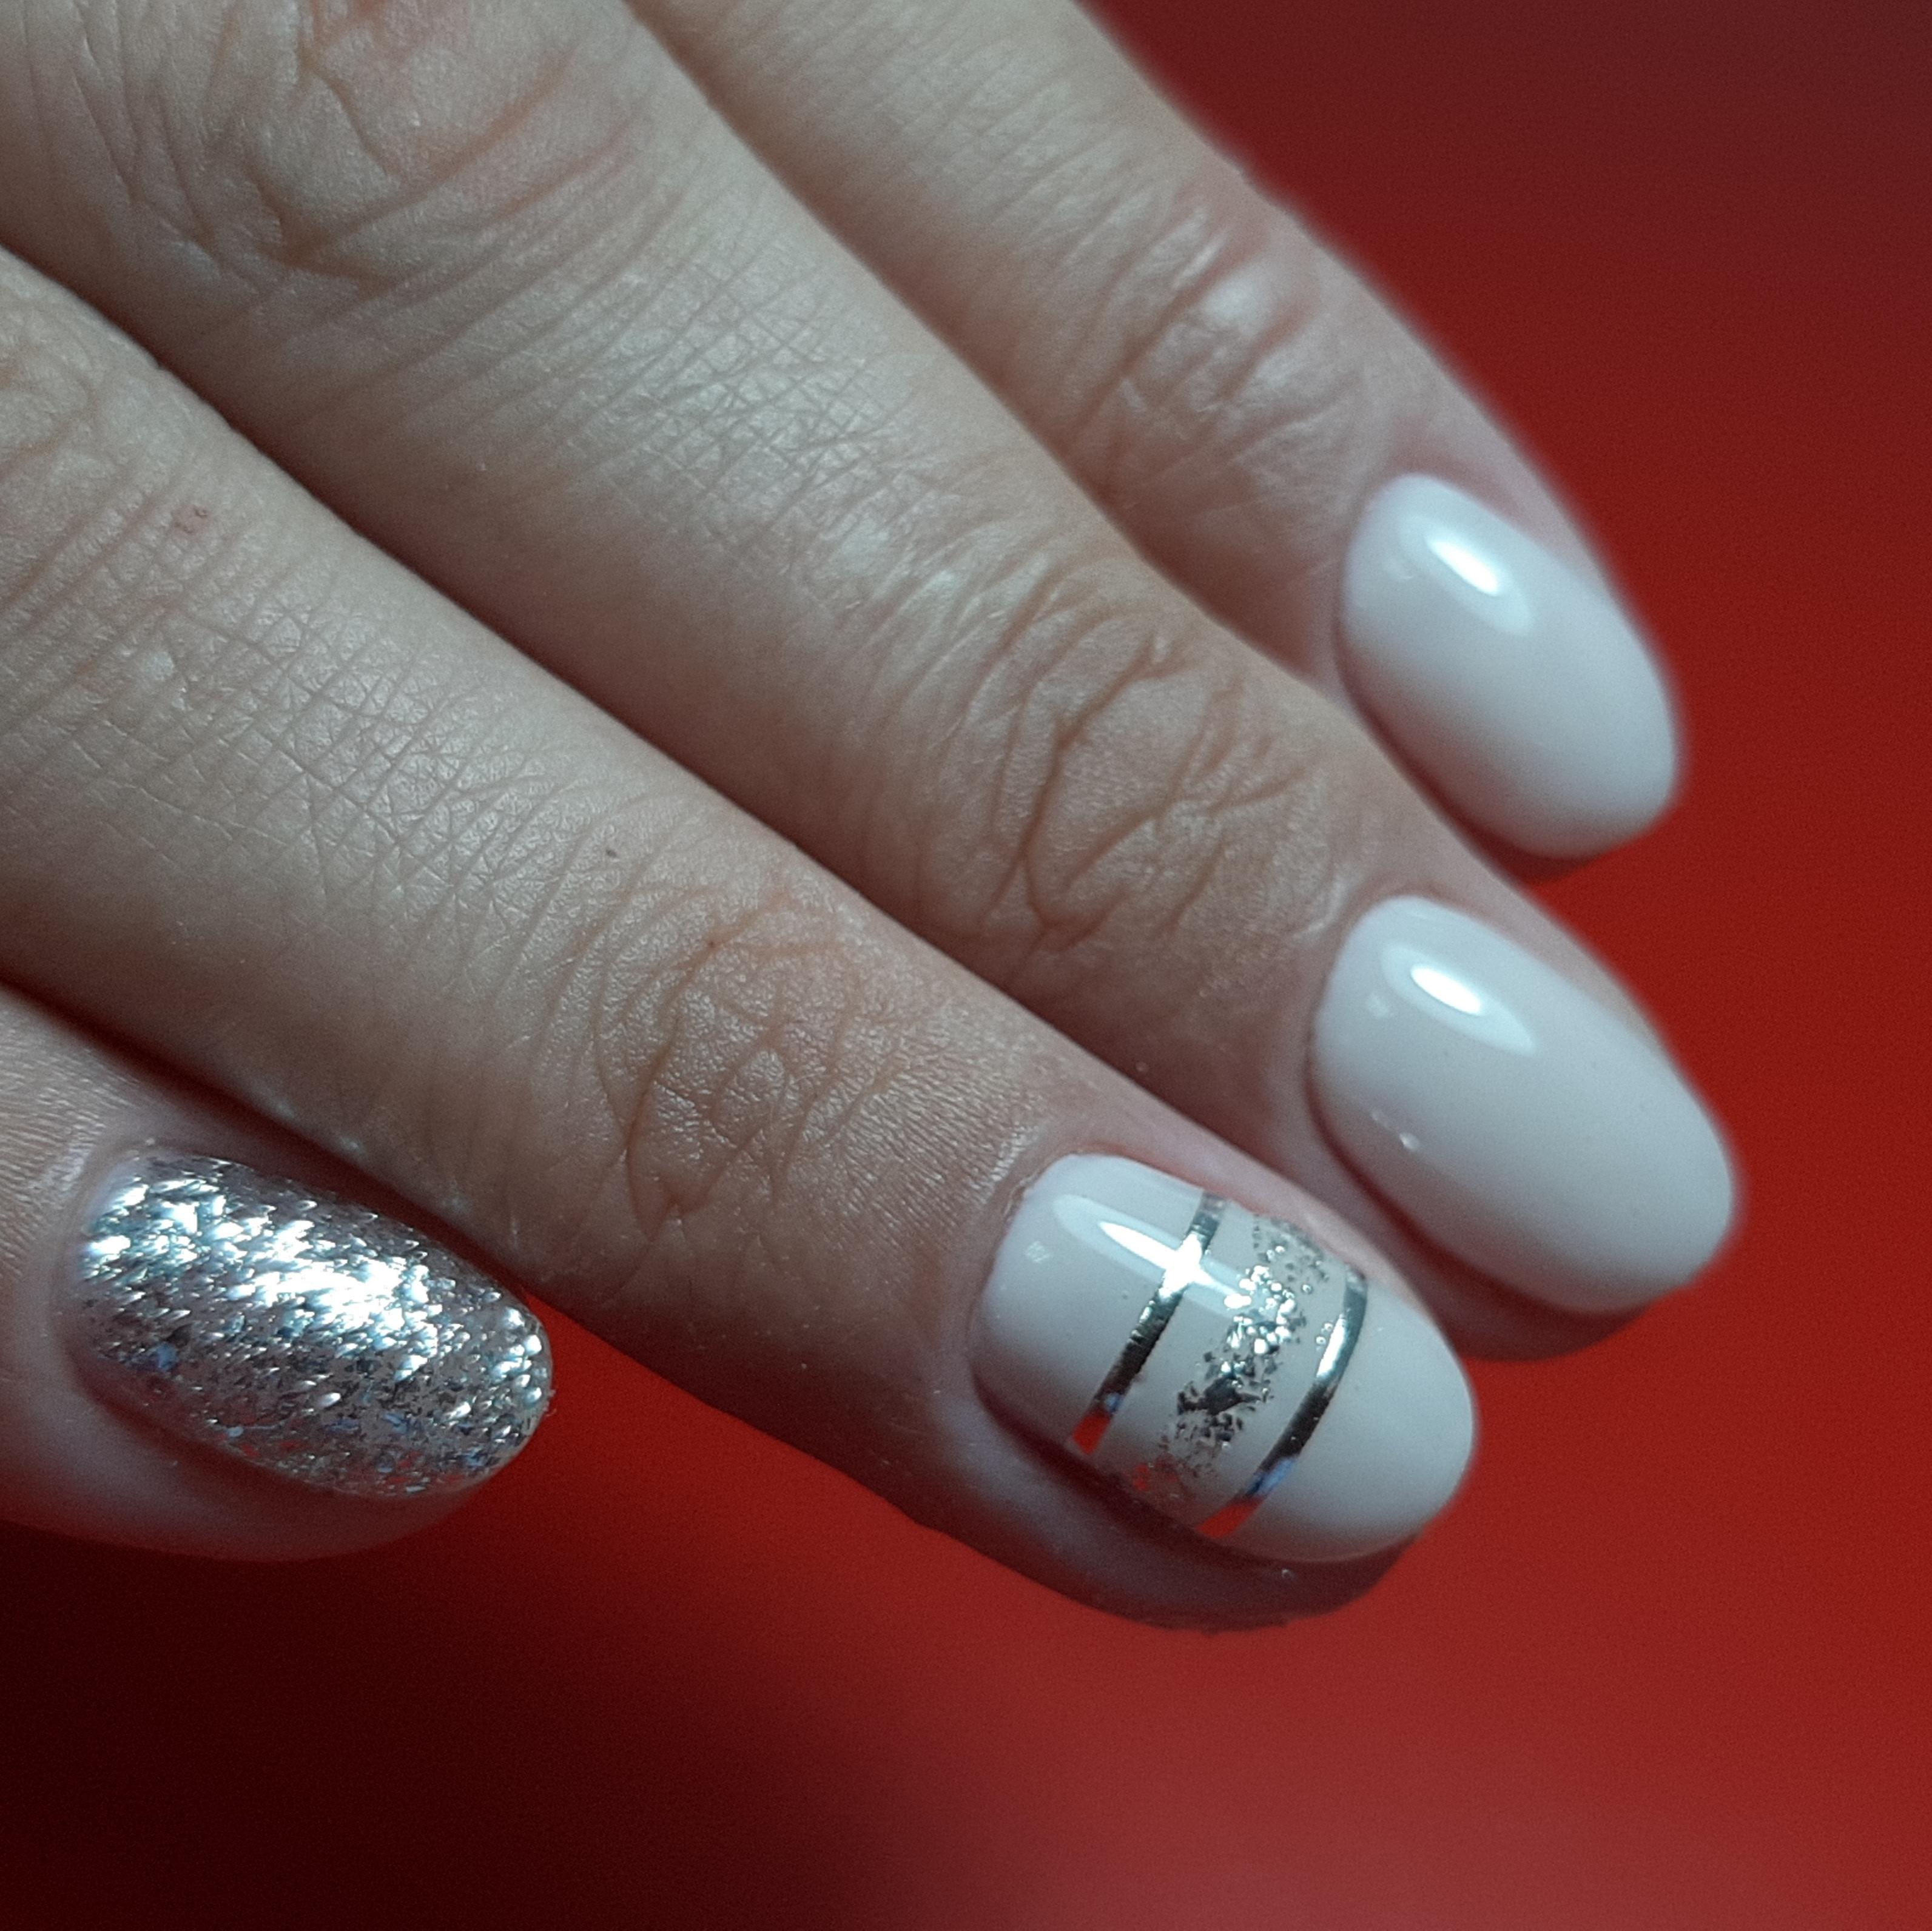 Маникюр с серебряными полосками и блестками в бежевом цвете на короткие ногти.